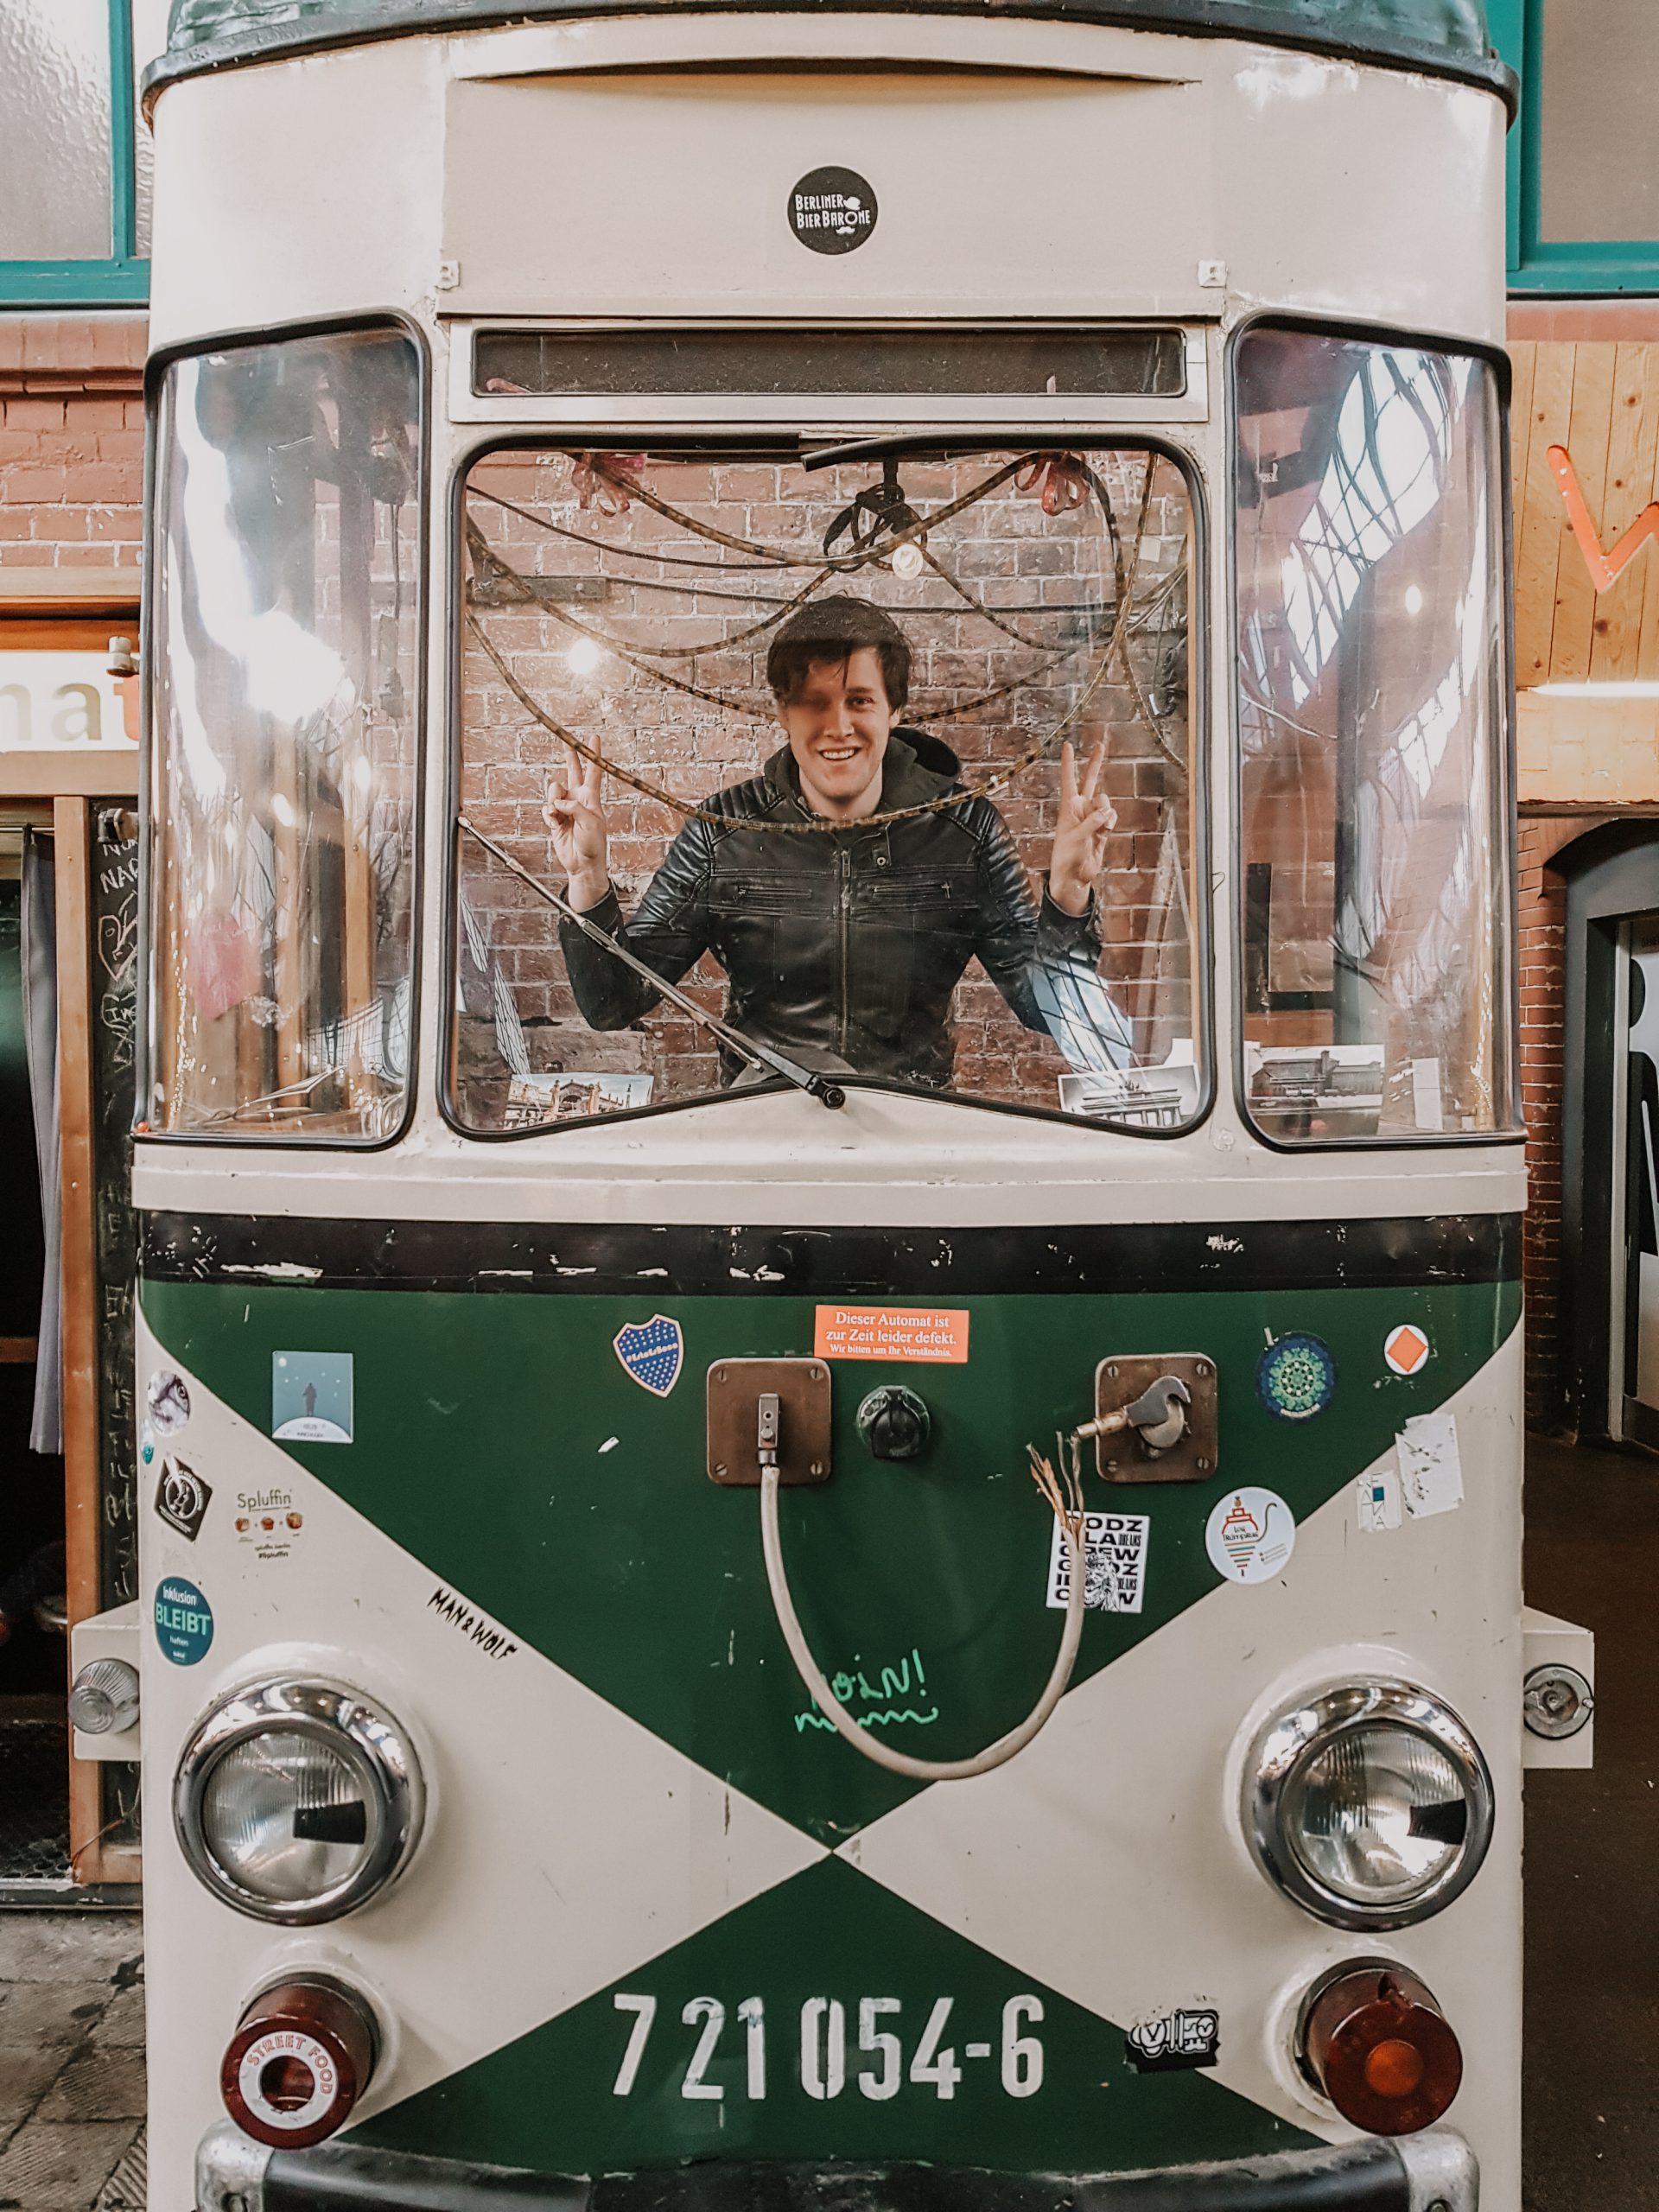 Markthalle Neun Tram